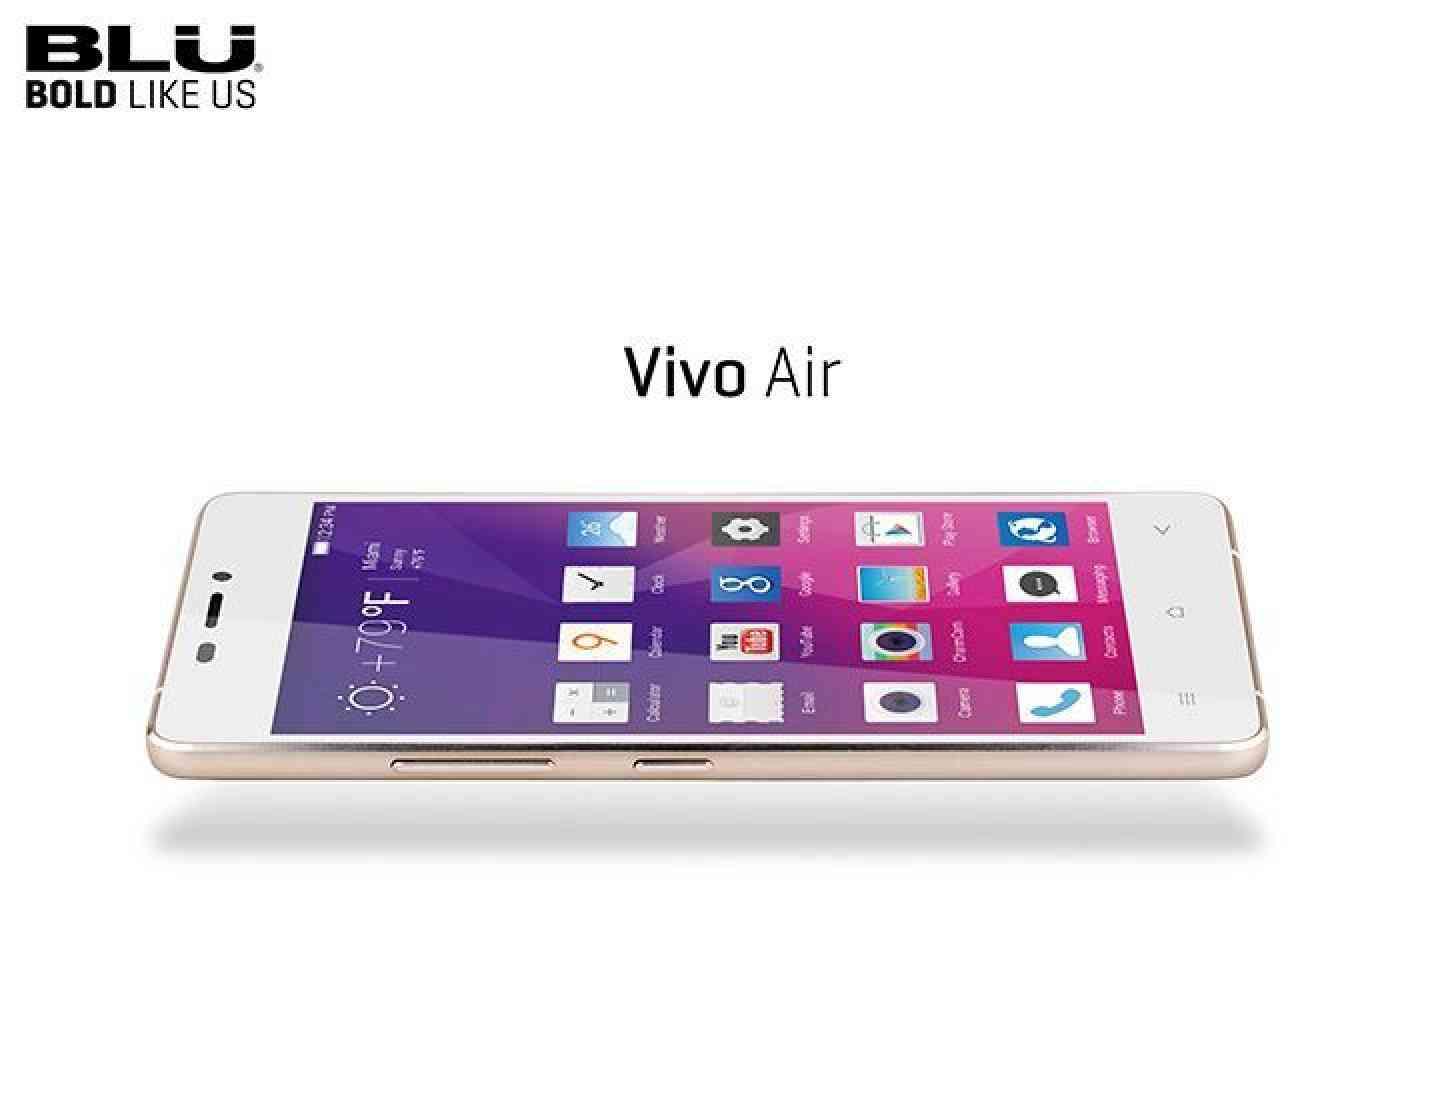 BLU Vivo Air official